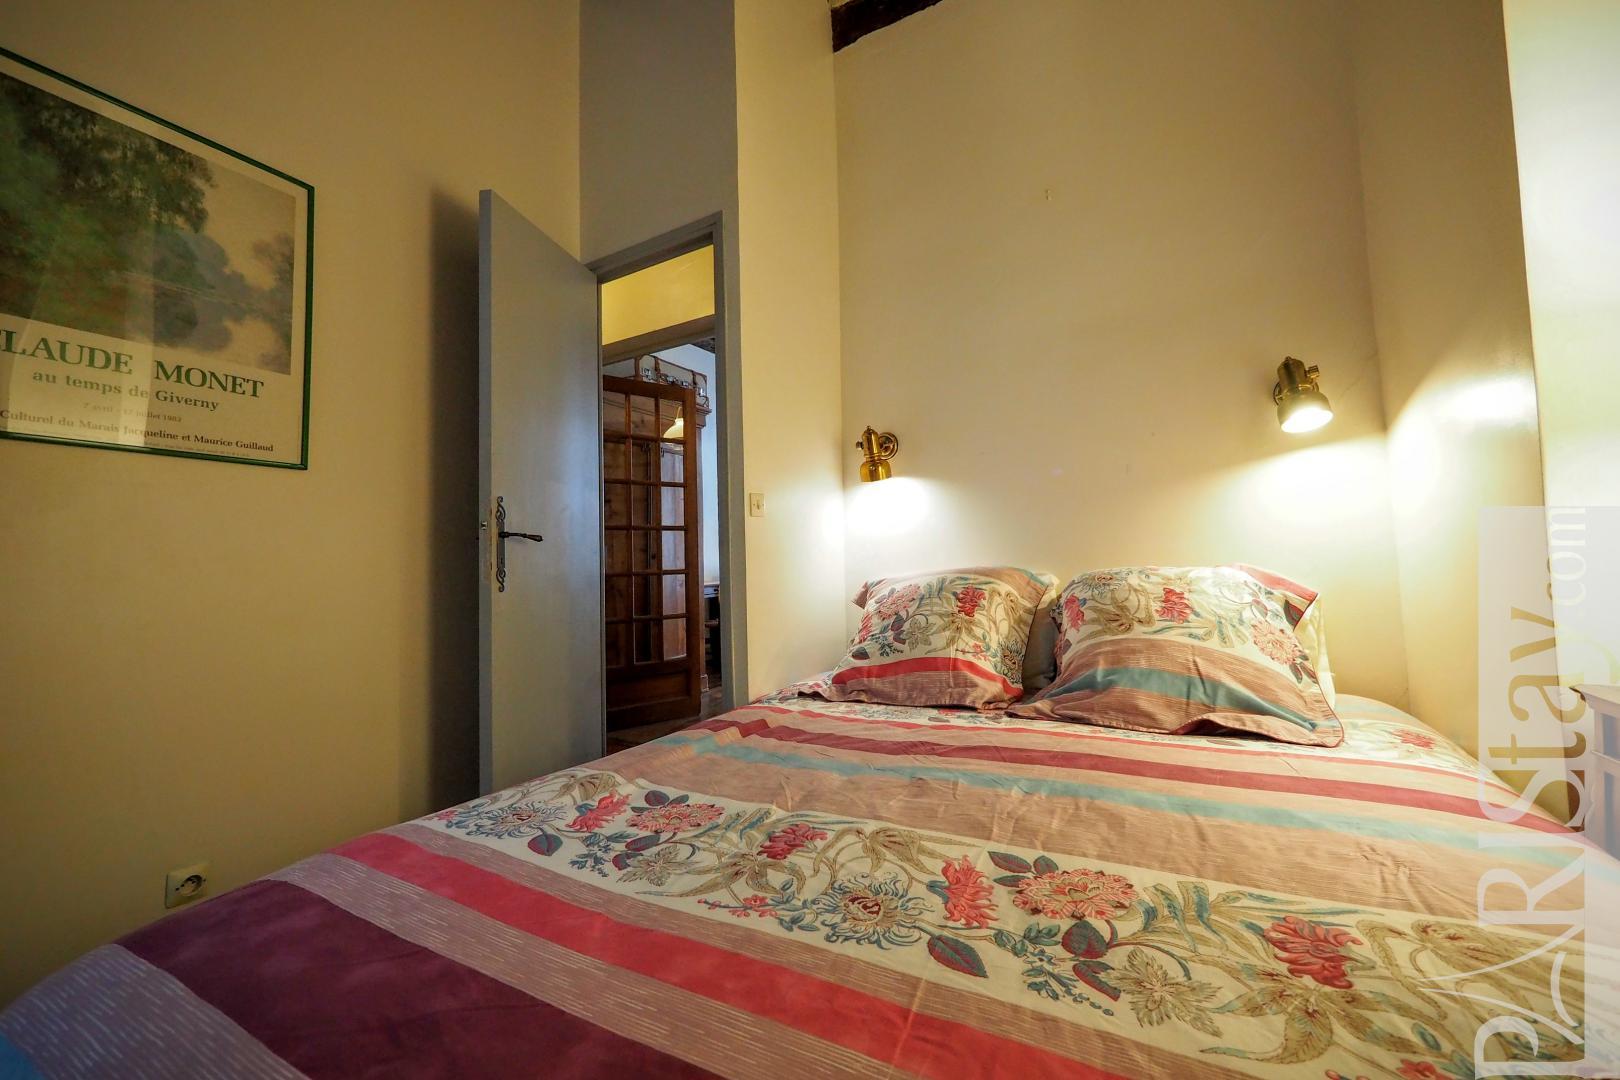 Location appartement paris t2 meuble le louvre palais royal for Chambre a coucher royale